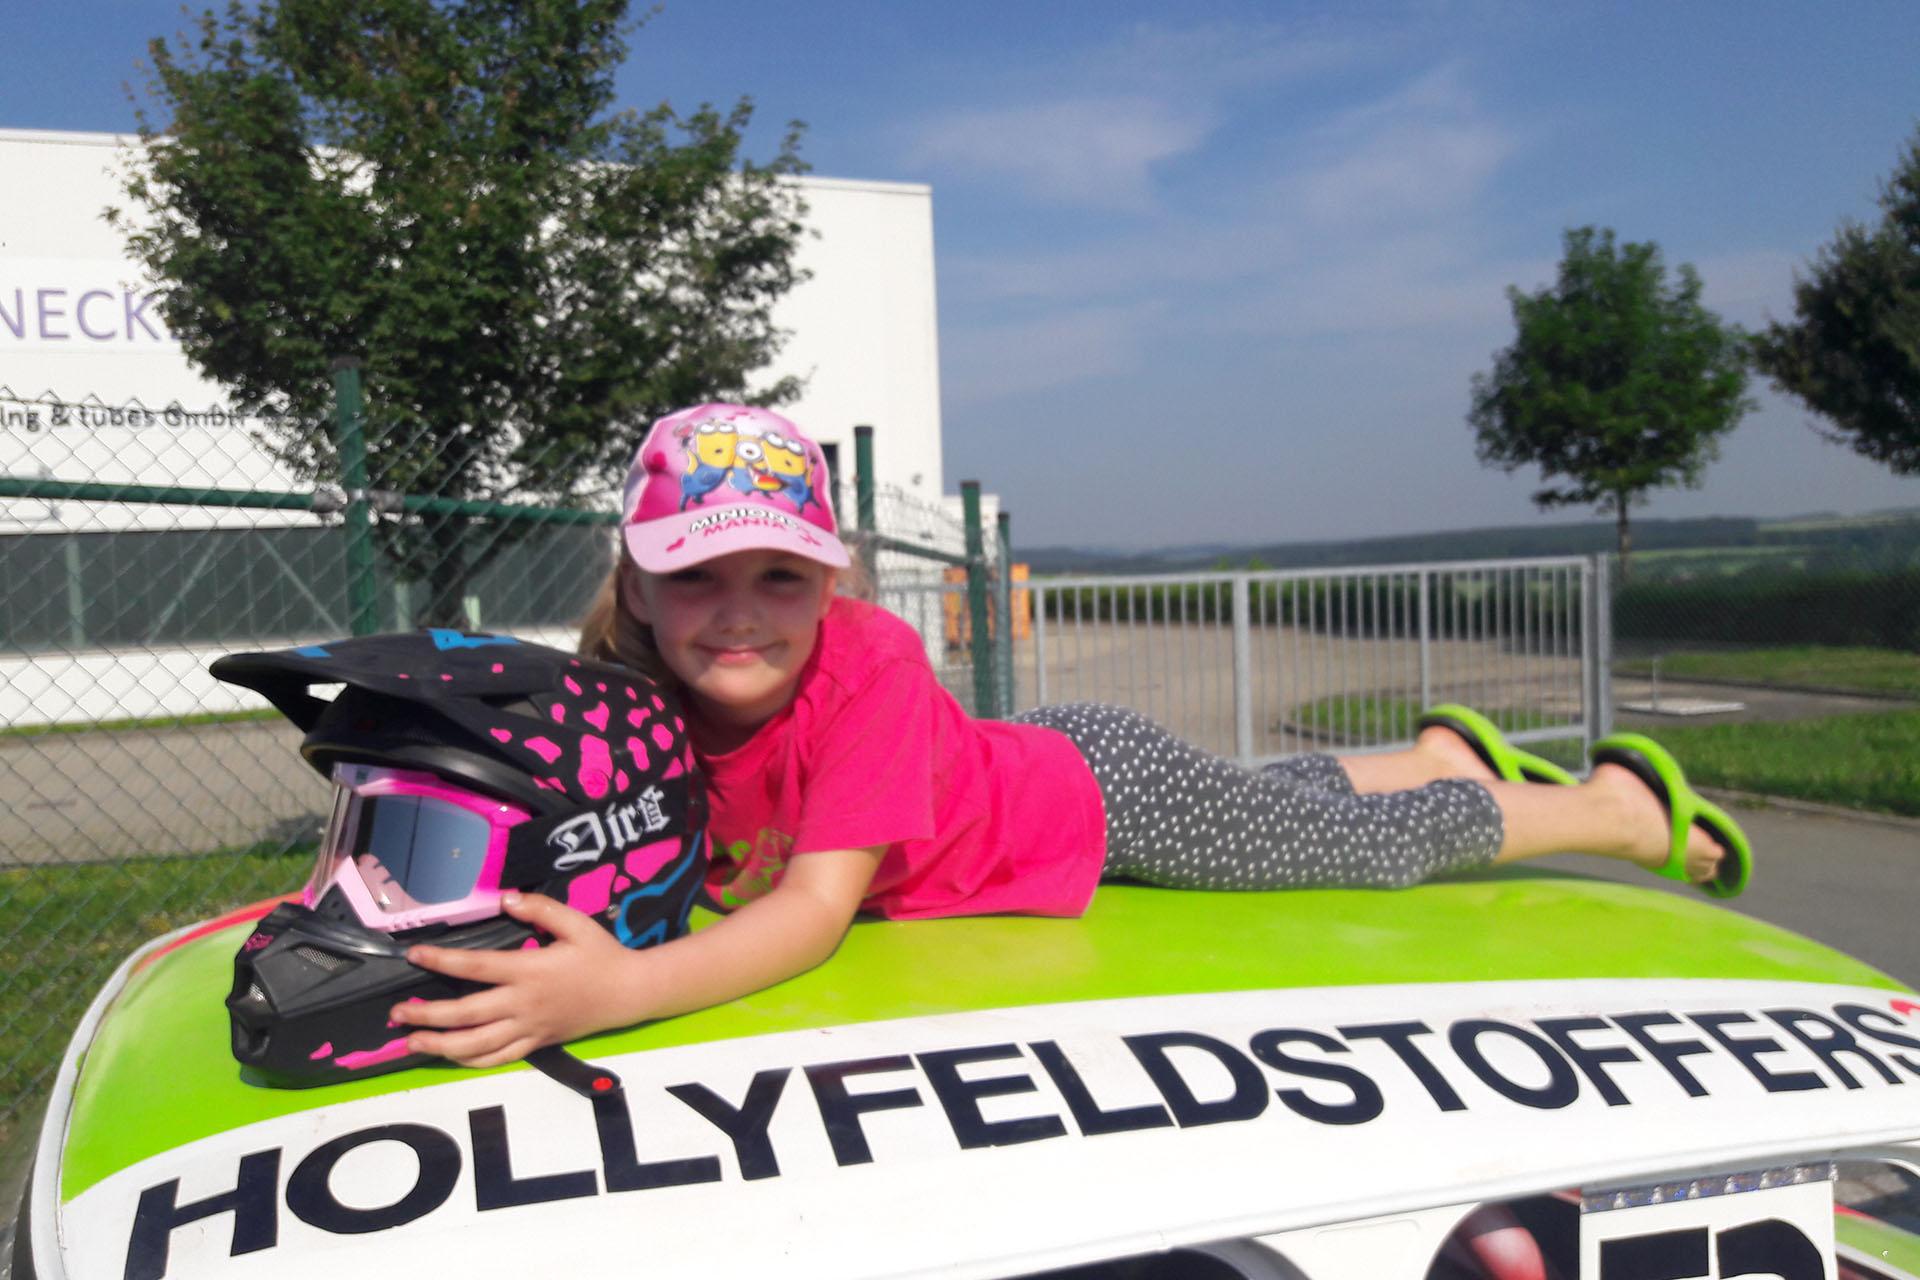 Hollyfeld Stoffers erfolgreich beim 14. Pausaer Trabirennen